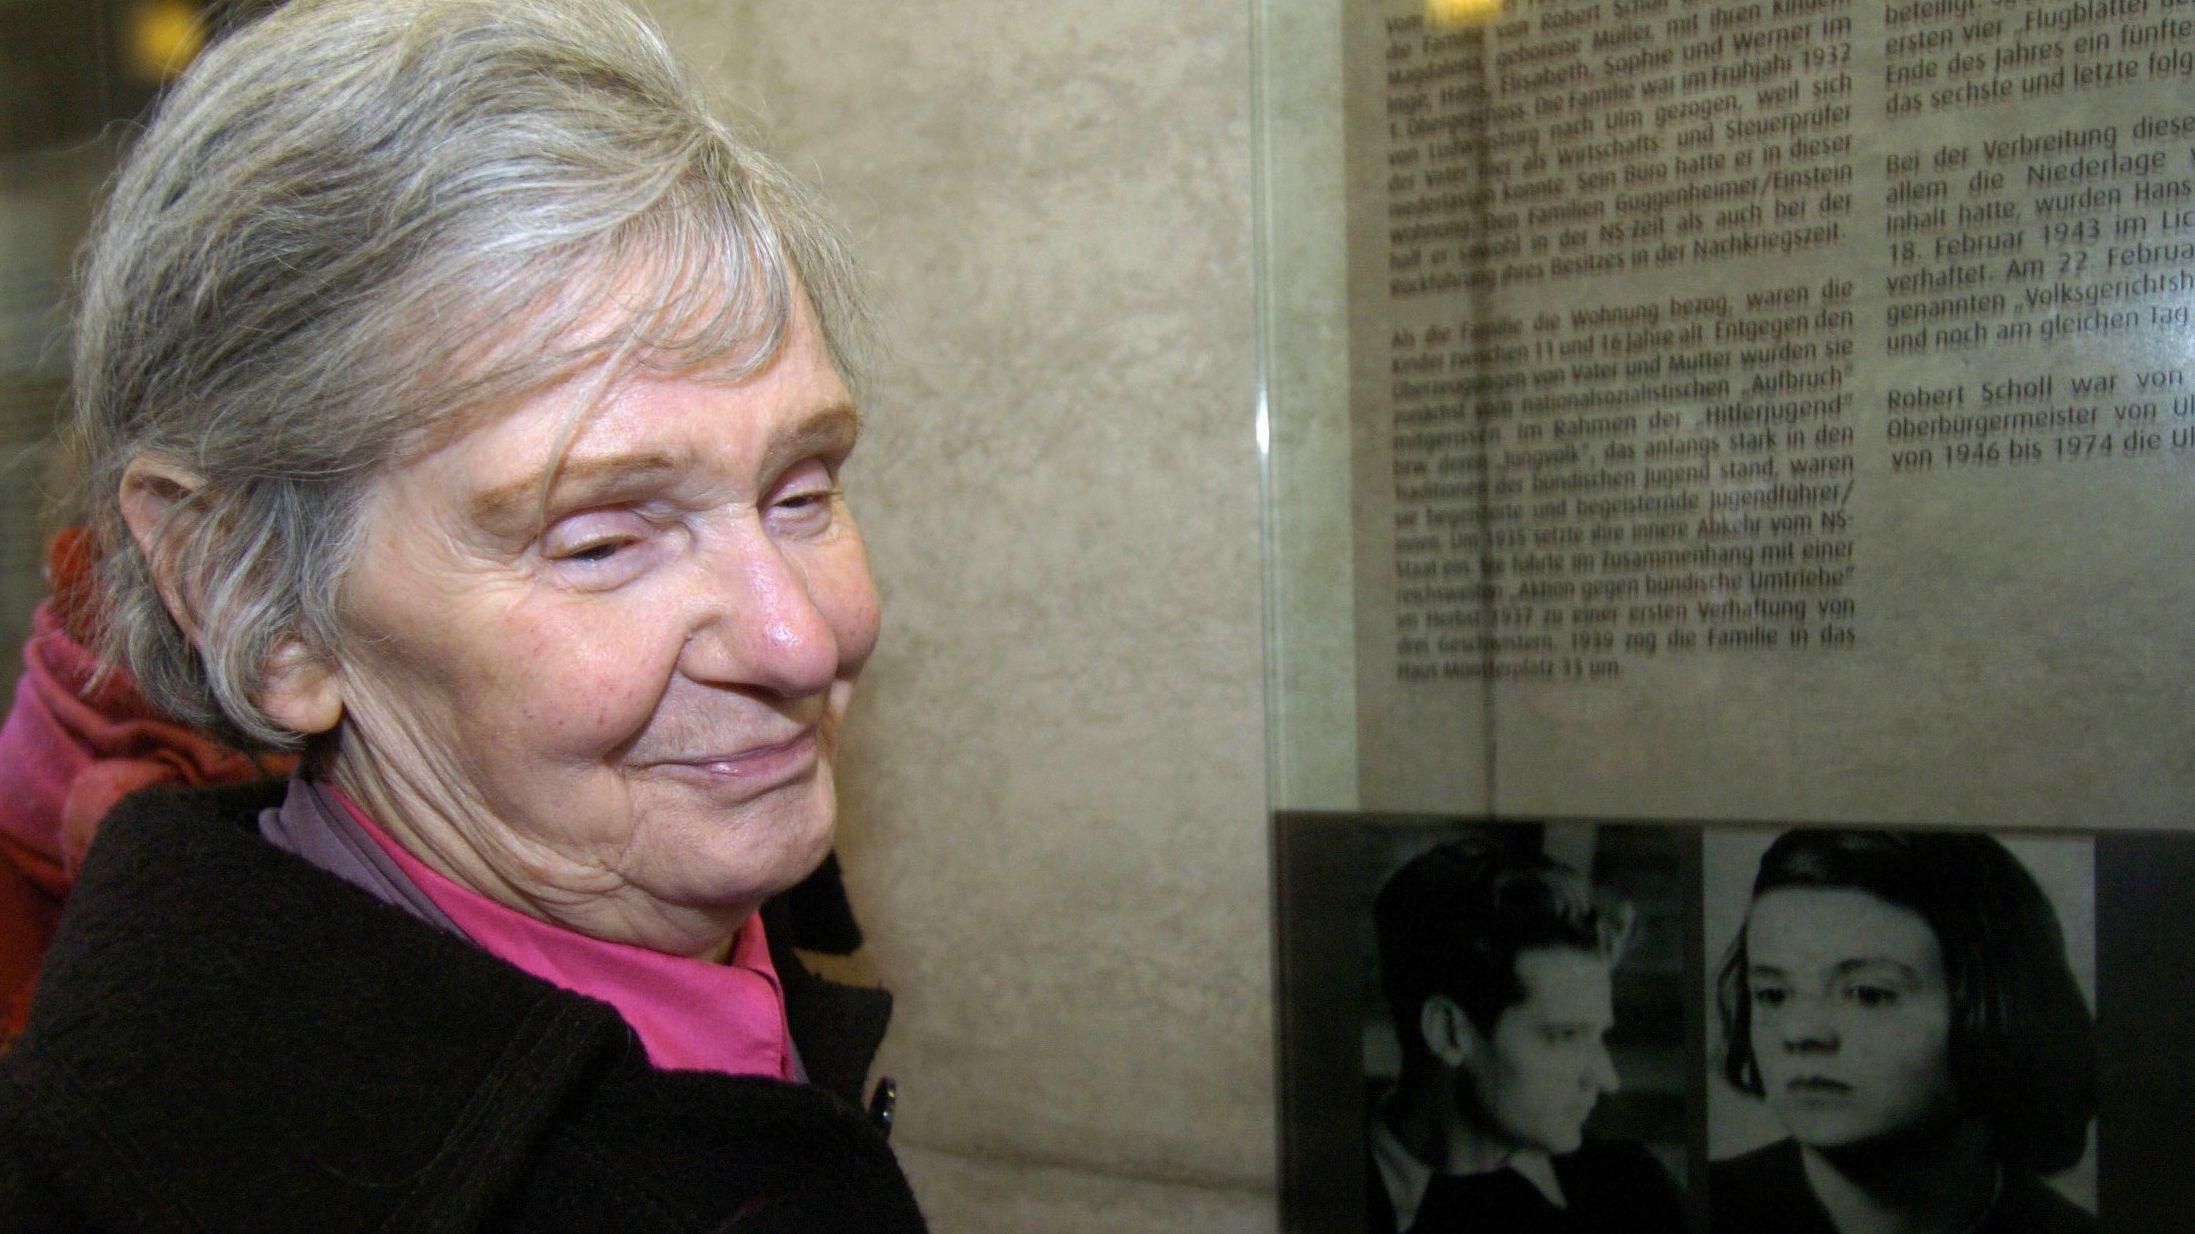 Elisabeth Hartnagel- Scholl steht im früheren Wohnaus ihrer Eltern in Ulm vor einer Gedenktafel zu Ehren ihrer Geschwister Hans und Sophie Scholl.  (Archivbild 2005)